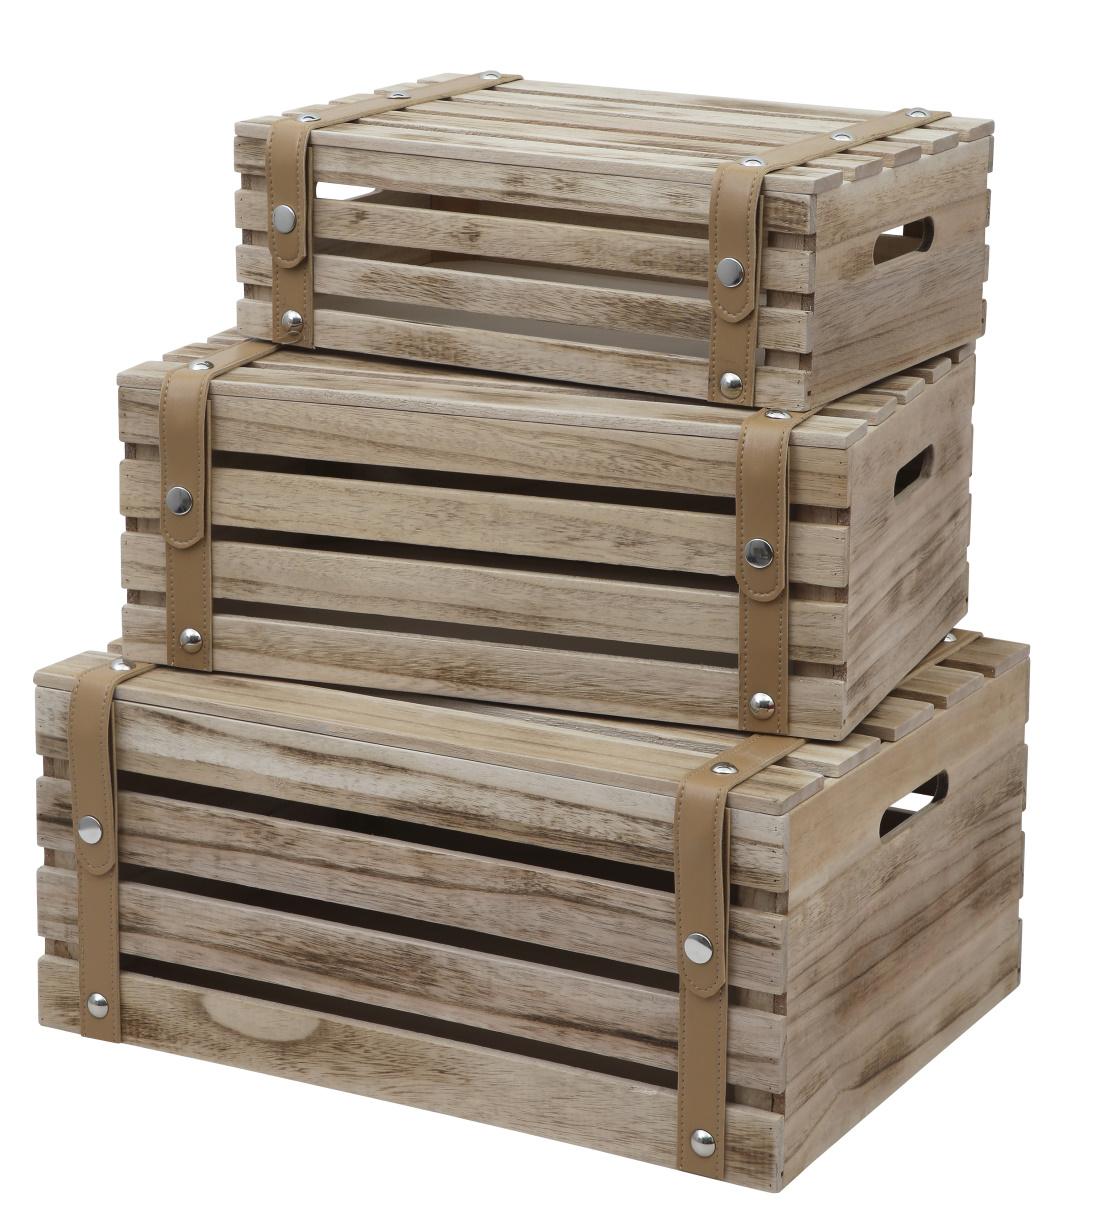 Full Size of 3er Set Deko Holzkiste 44cm Obstkiste Weinkiste Holz Kiste Regal 25 Cm Tief Schräge Kleiderschrank Zum Aufhängen Mit Schubladen String Regale Metall Regal Regal Kisten